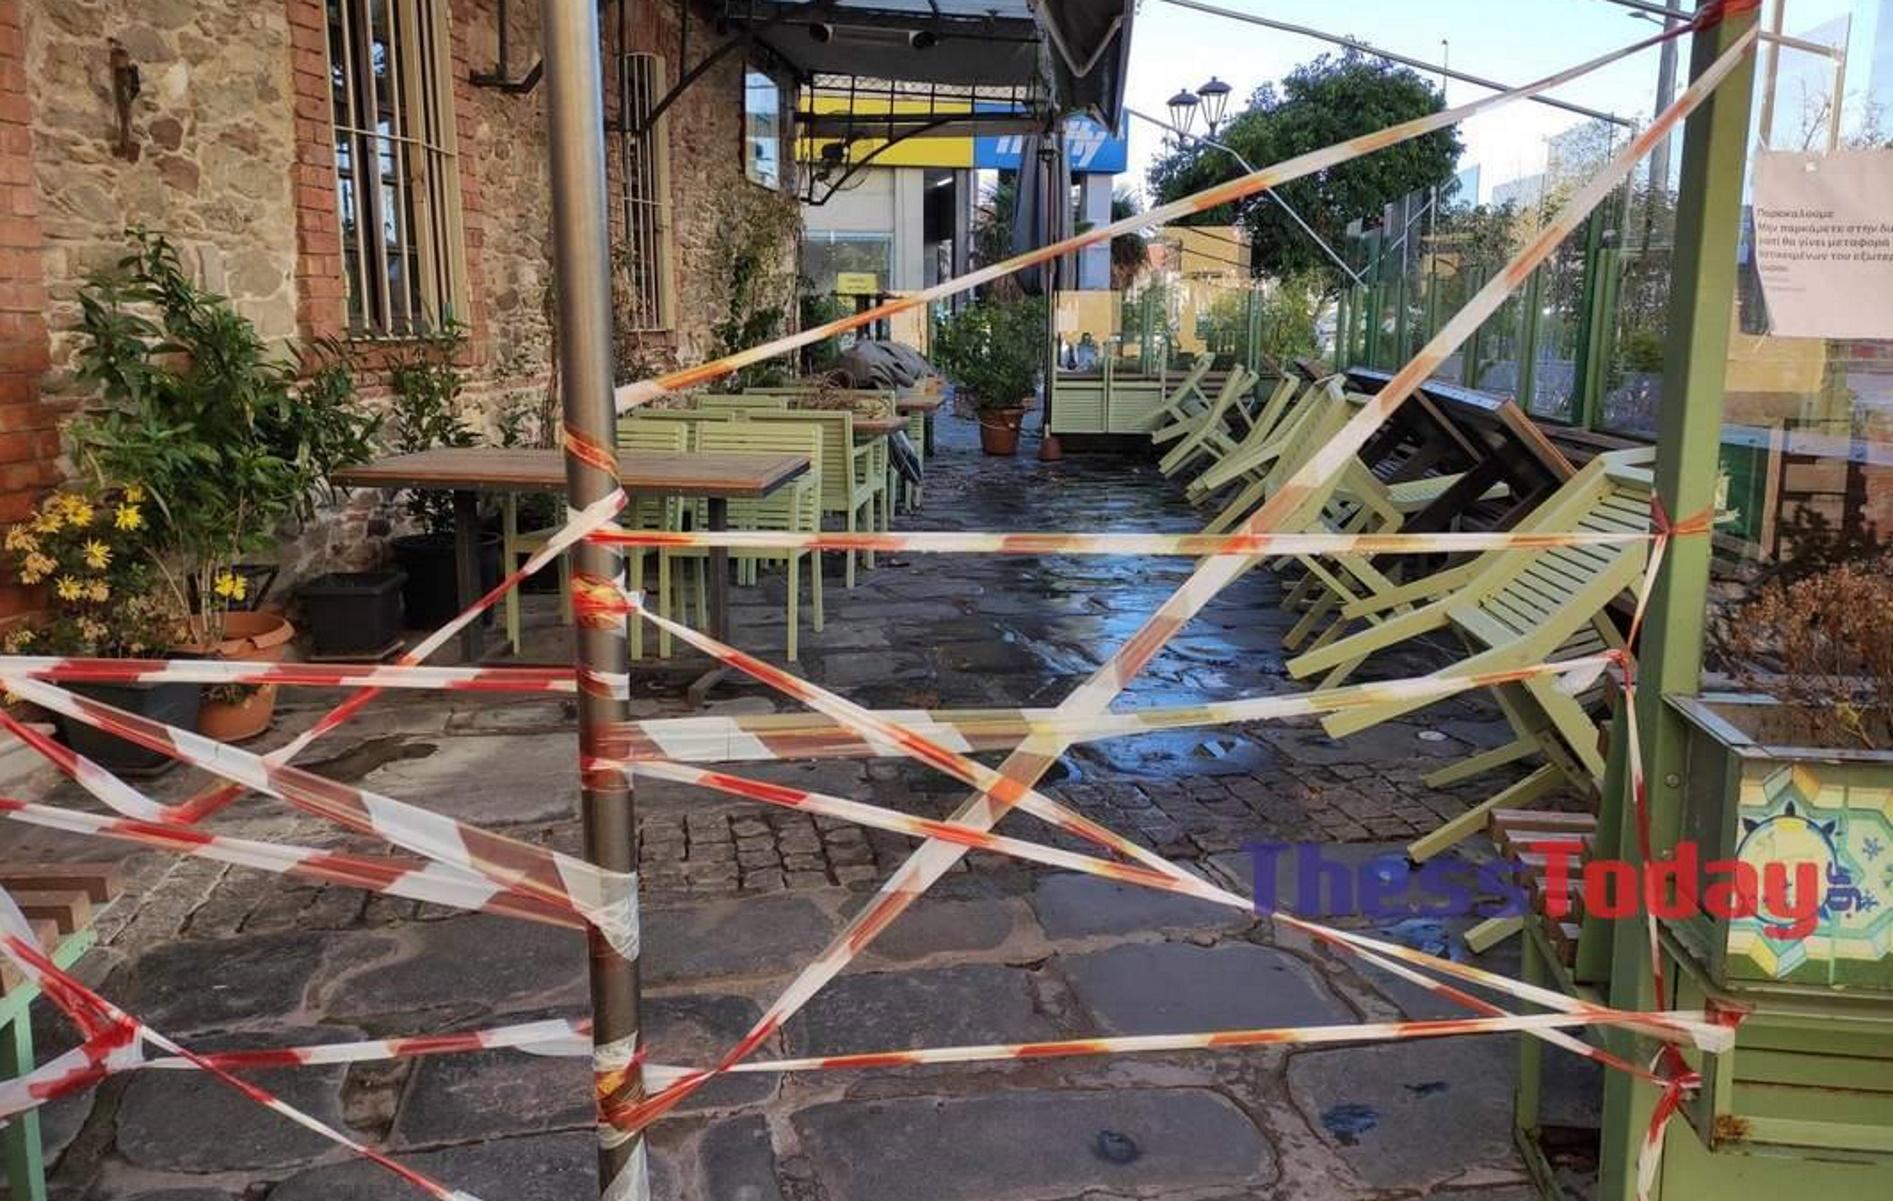 Lockdown: Εικόνες θλίψης και εγκατάλειψης στην άλλοτε πολύβουη αγορά της Θεσσαλονίκης (pics)